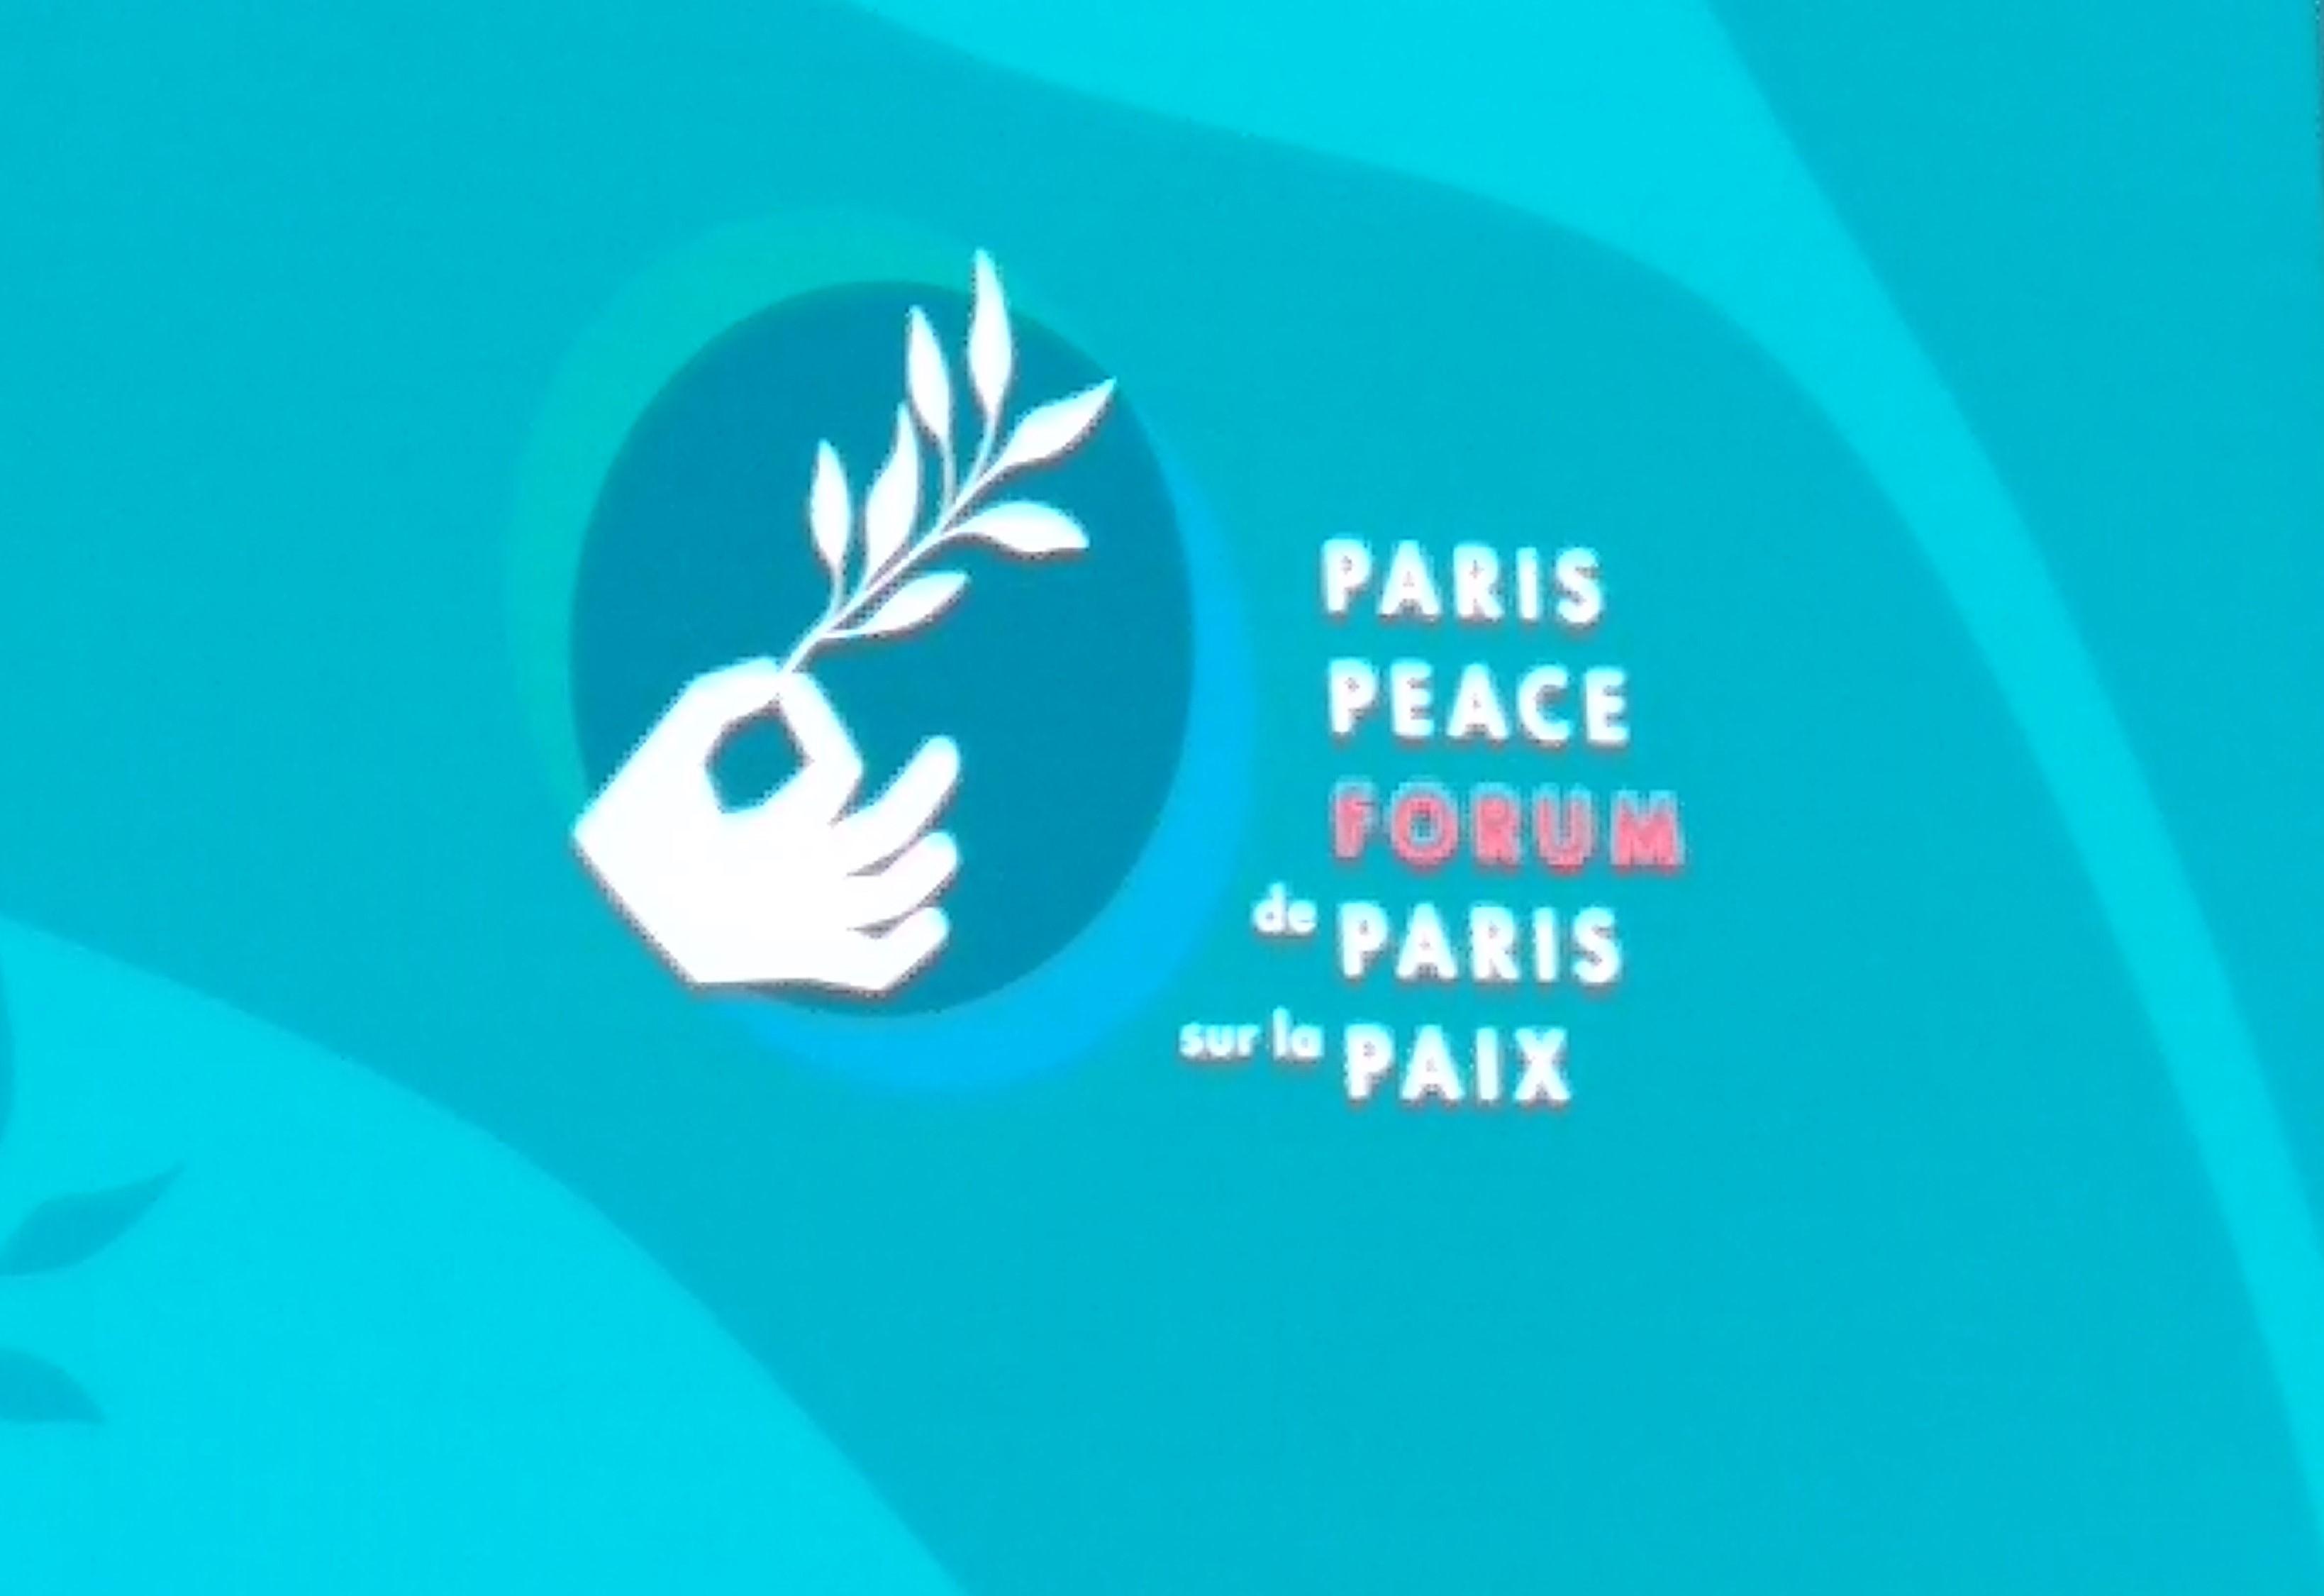 Multilatéralisme, action collective, des sujets abordés par Mme Pépécy OGOULIGUENDE, lors du Forum sur la Paix de Paris